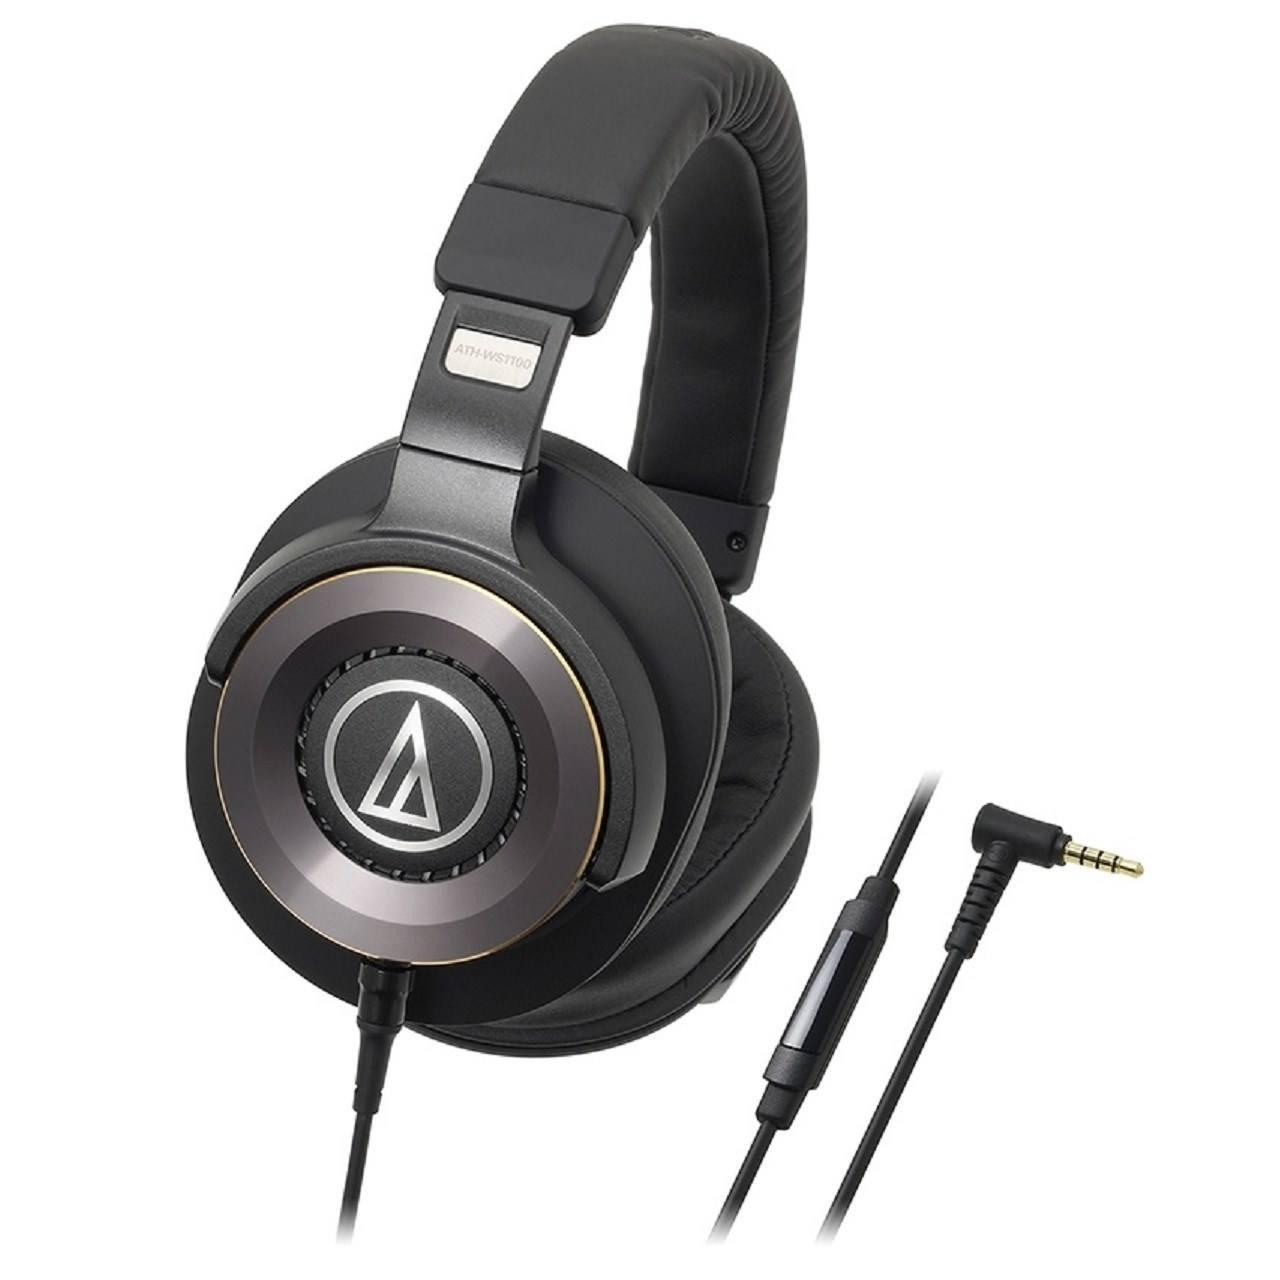 بهترین کیفیت میکروفون:Audio-Technica ATH-WS1100iS